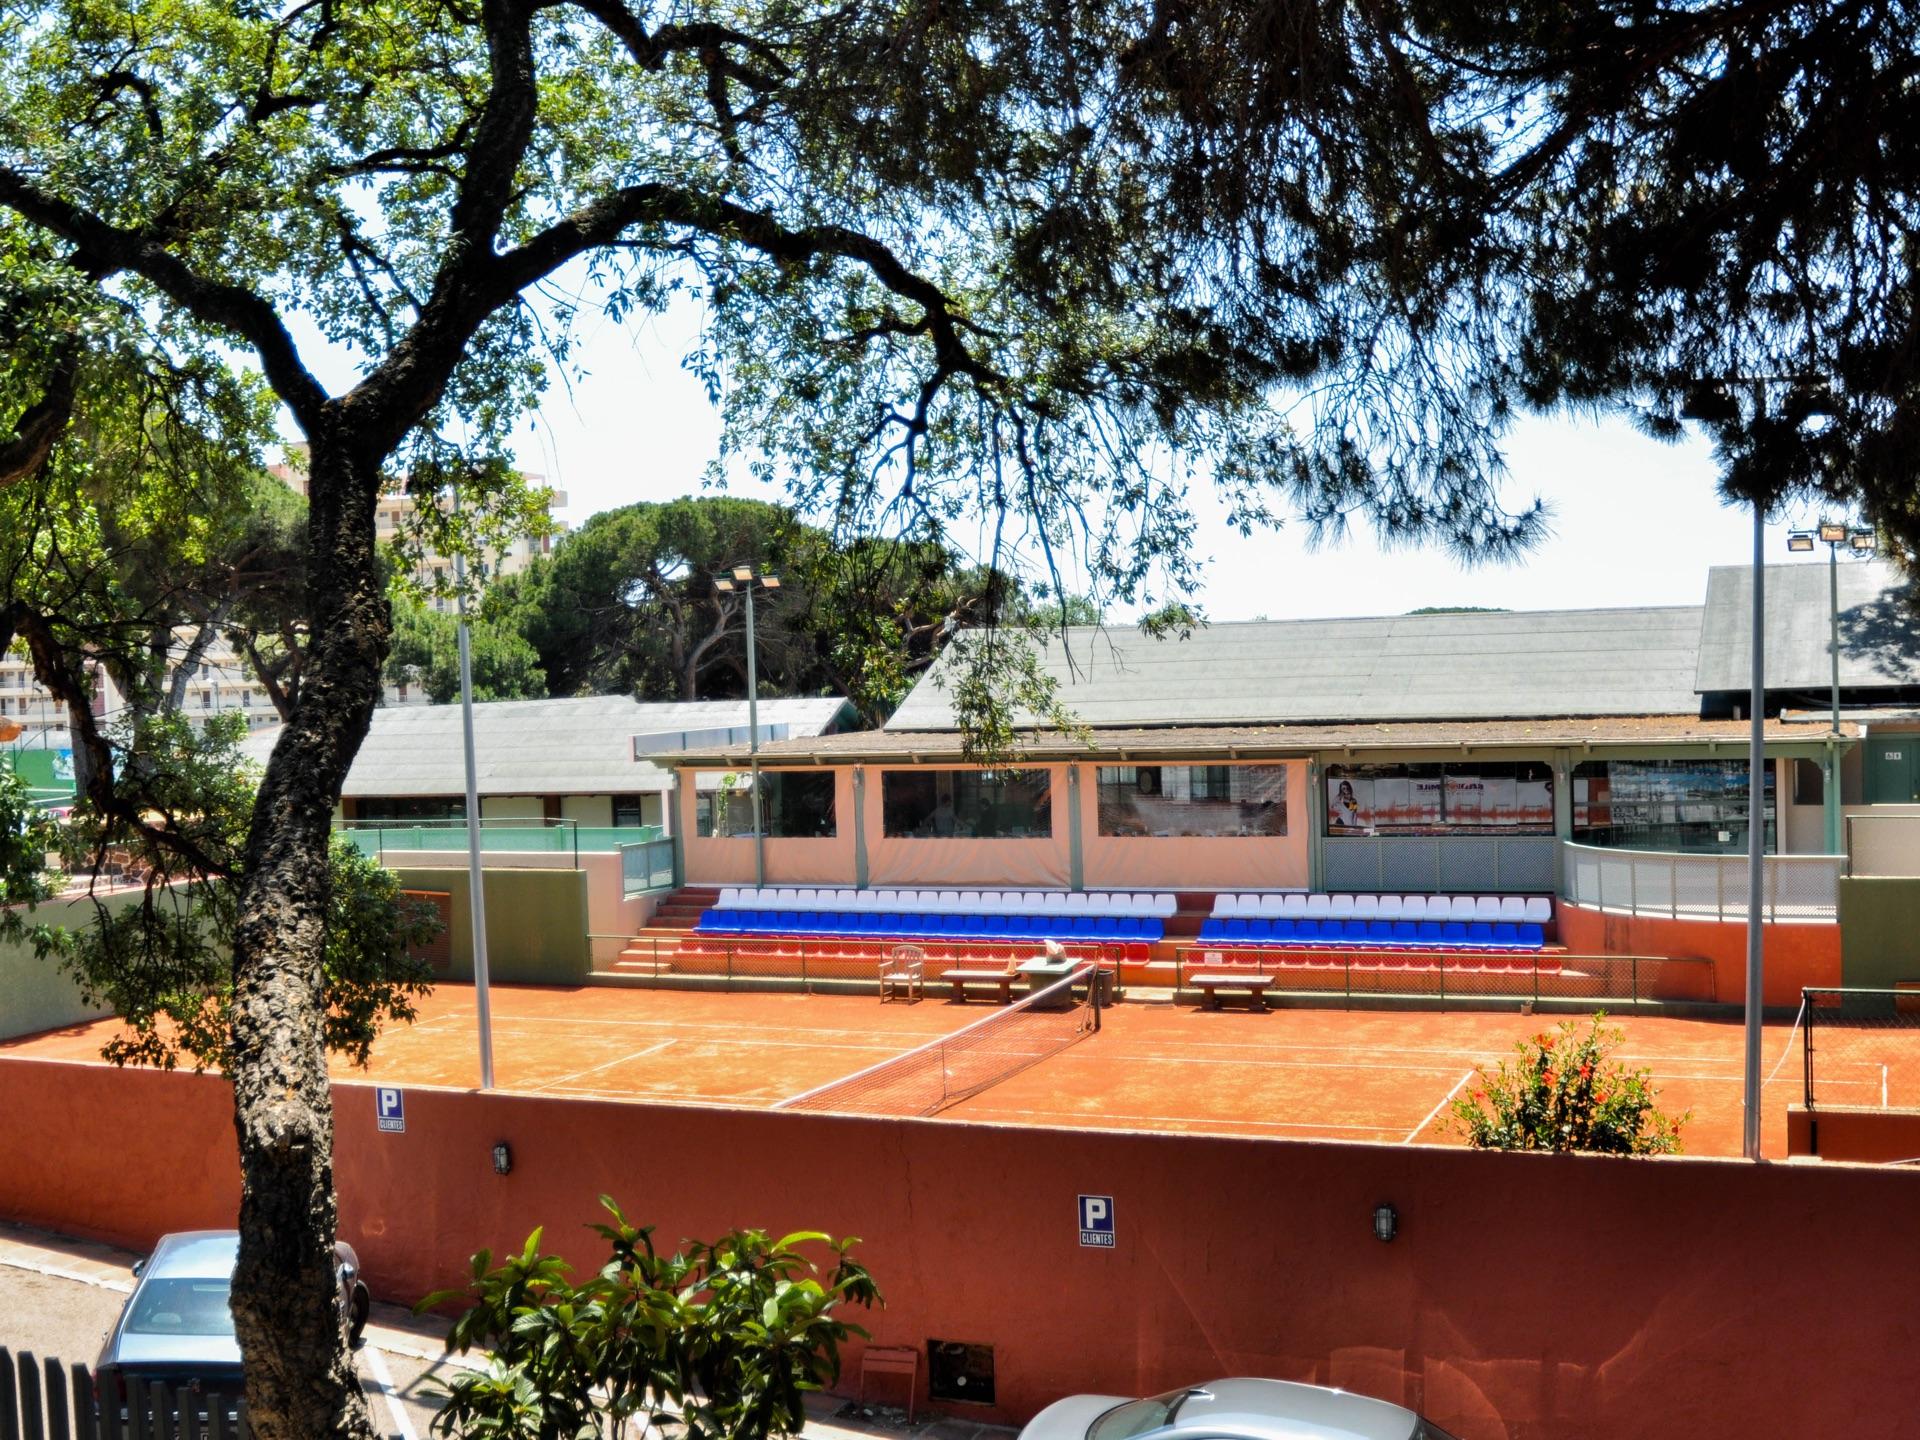 Royal Tennis Club Marbella 1